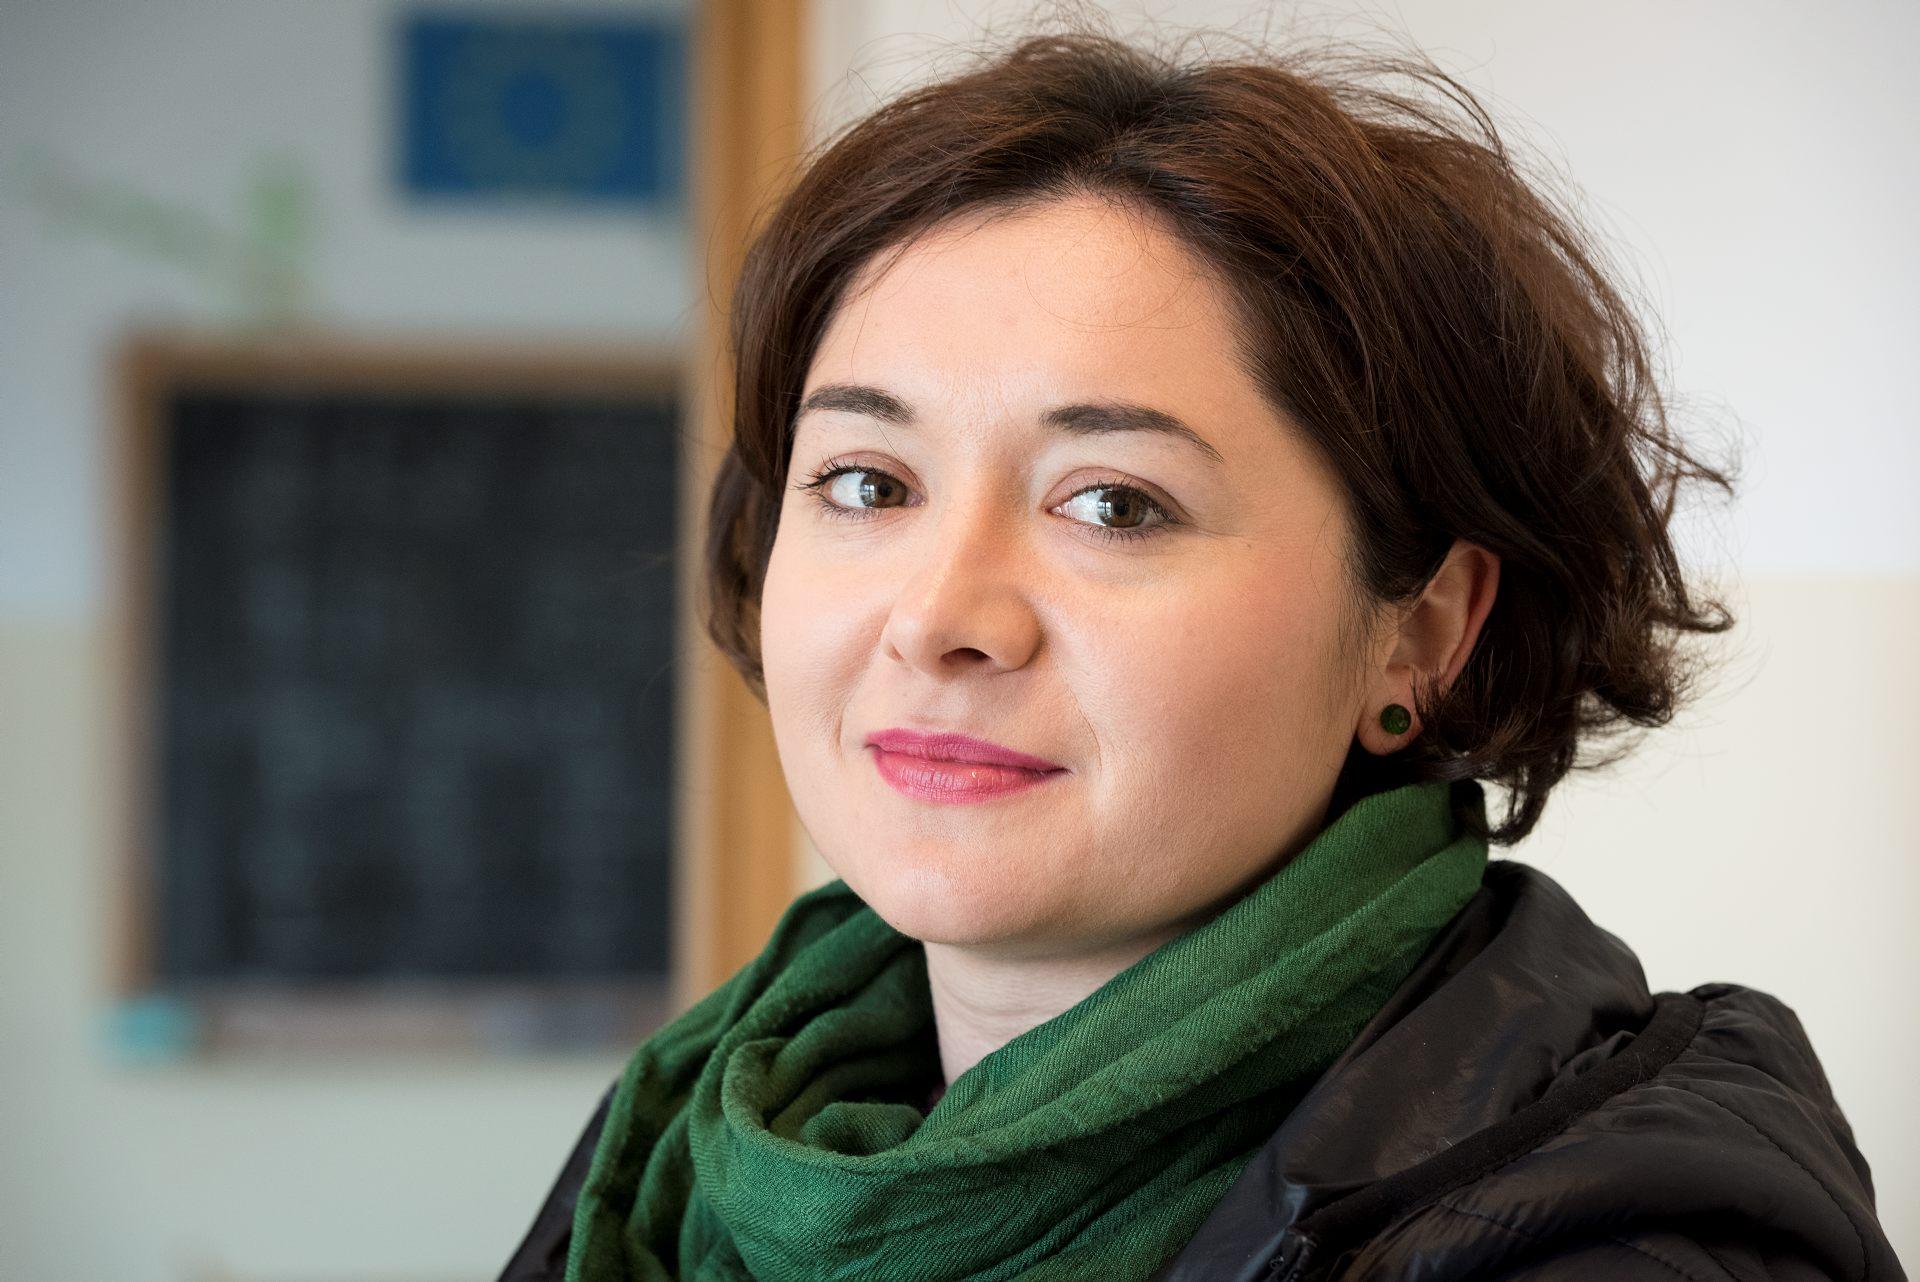 Cornelia visste inte att hon ville bli lärare för än hon besökte de bosättningar där myndigheterna har placerat över 1000 romer. Foto:Gustaf Hellsing/IKON